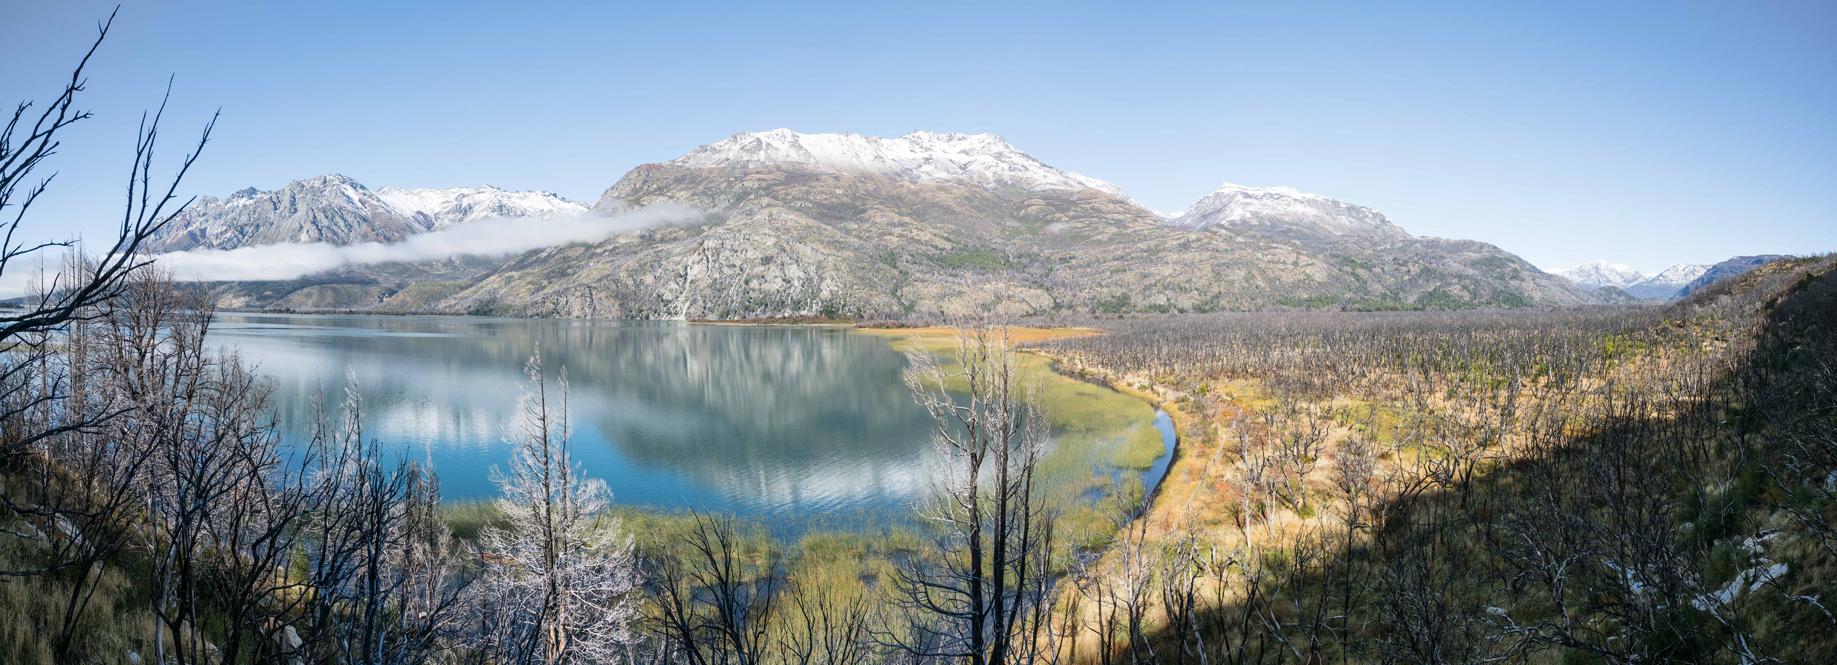 Silvestre Sere - Amigos de la Patagonia